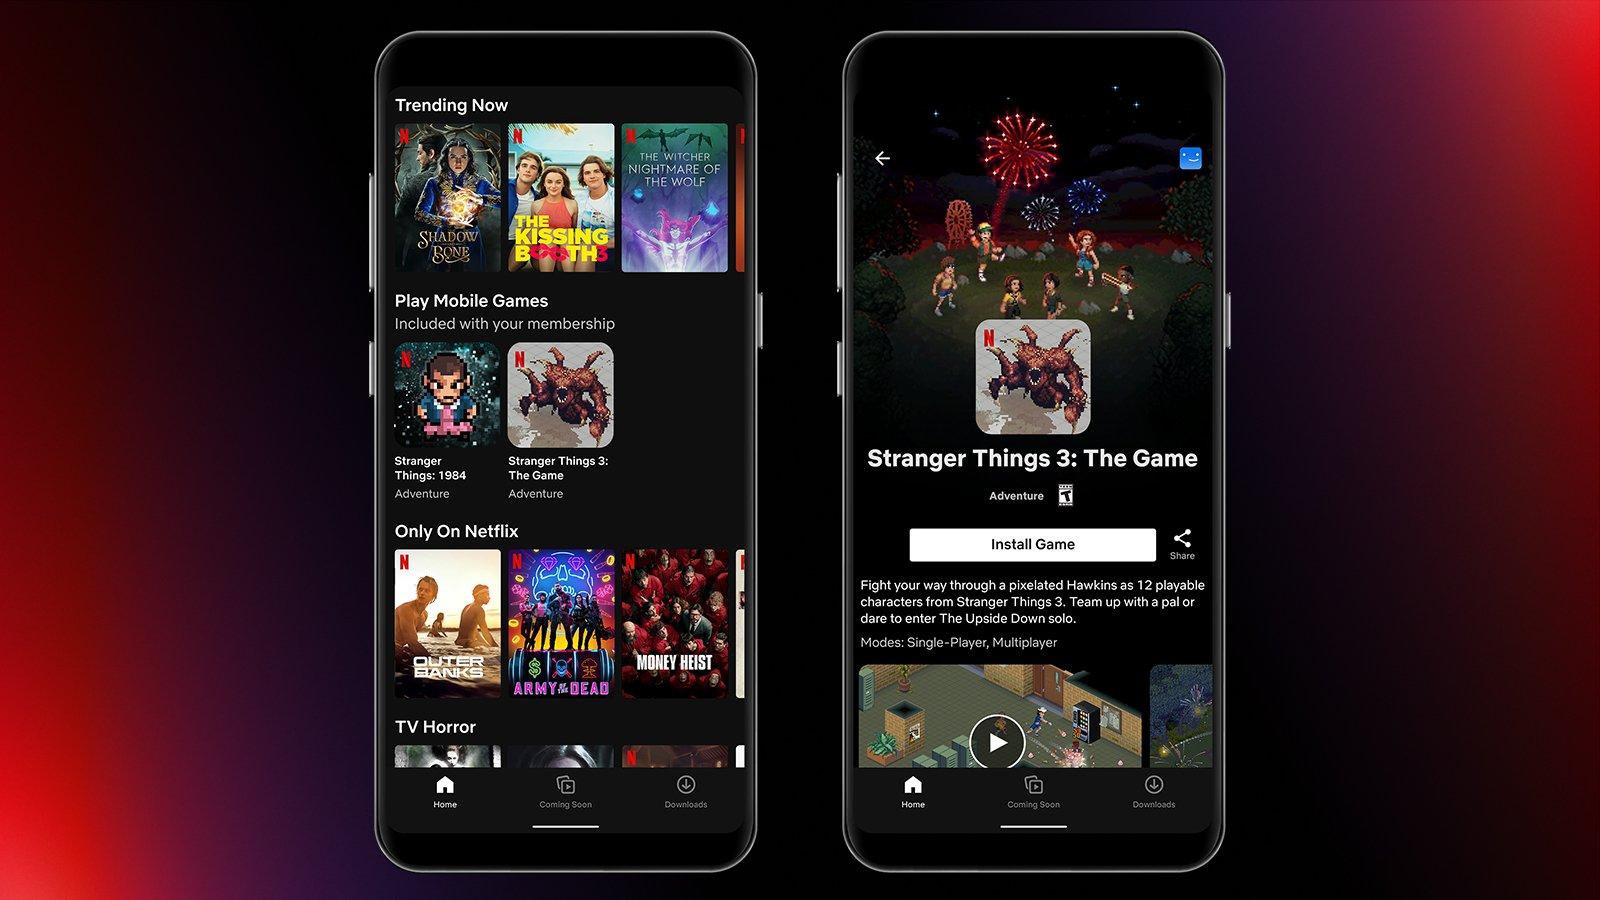 Netflix lança jogo gratuito de stranger things